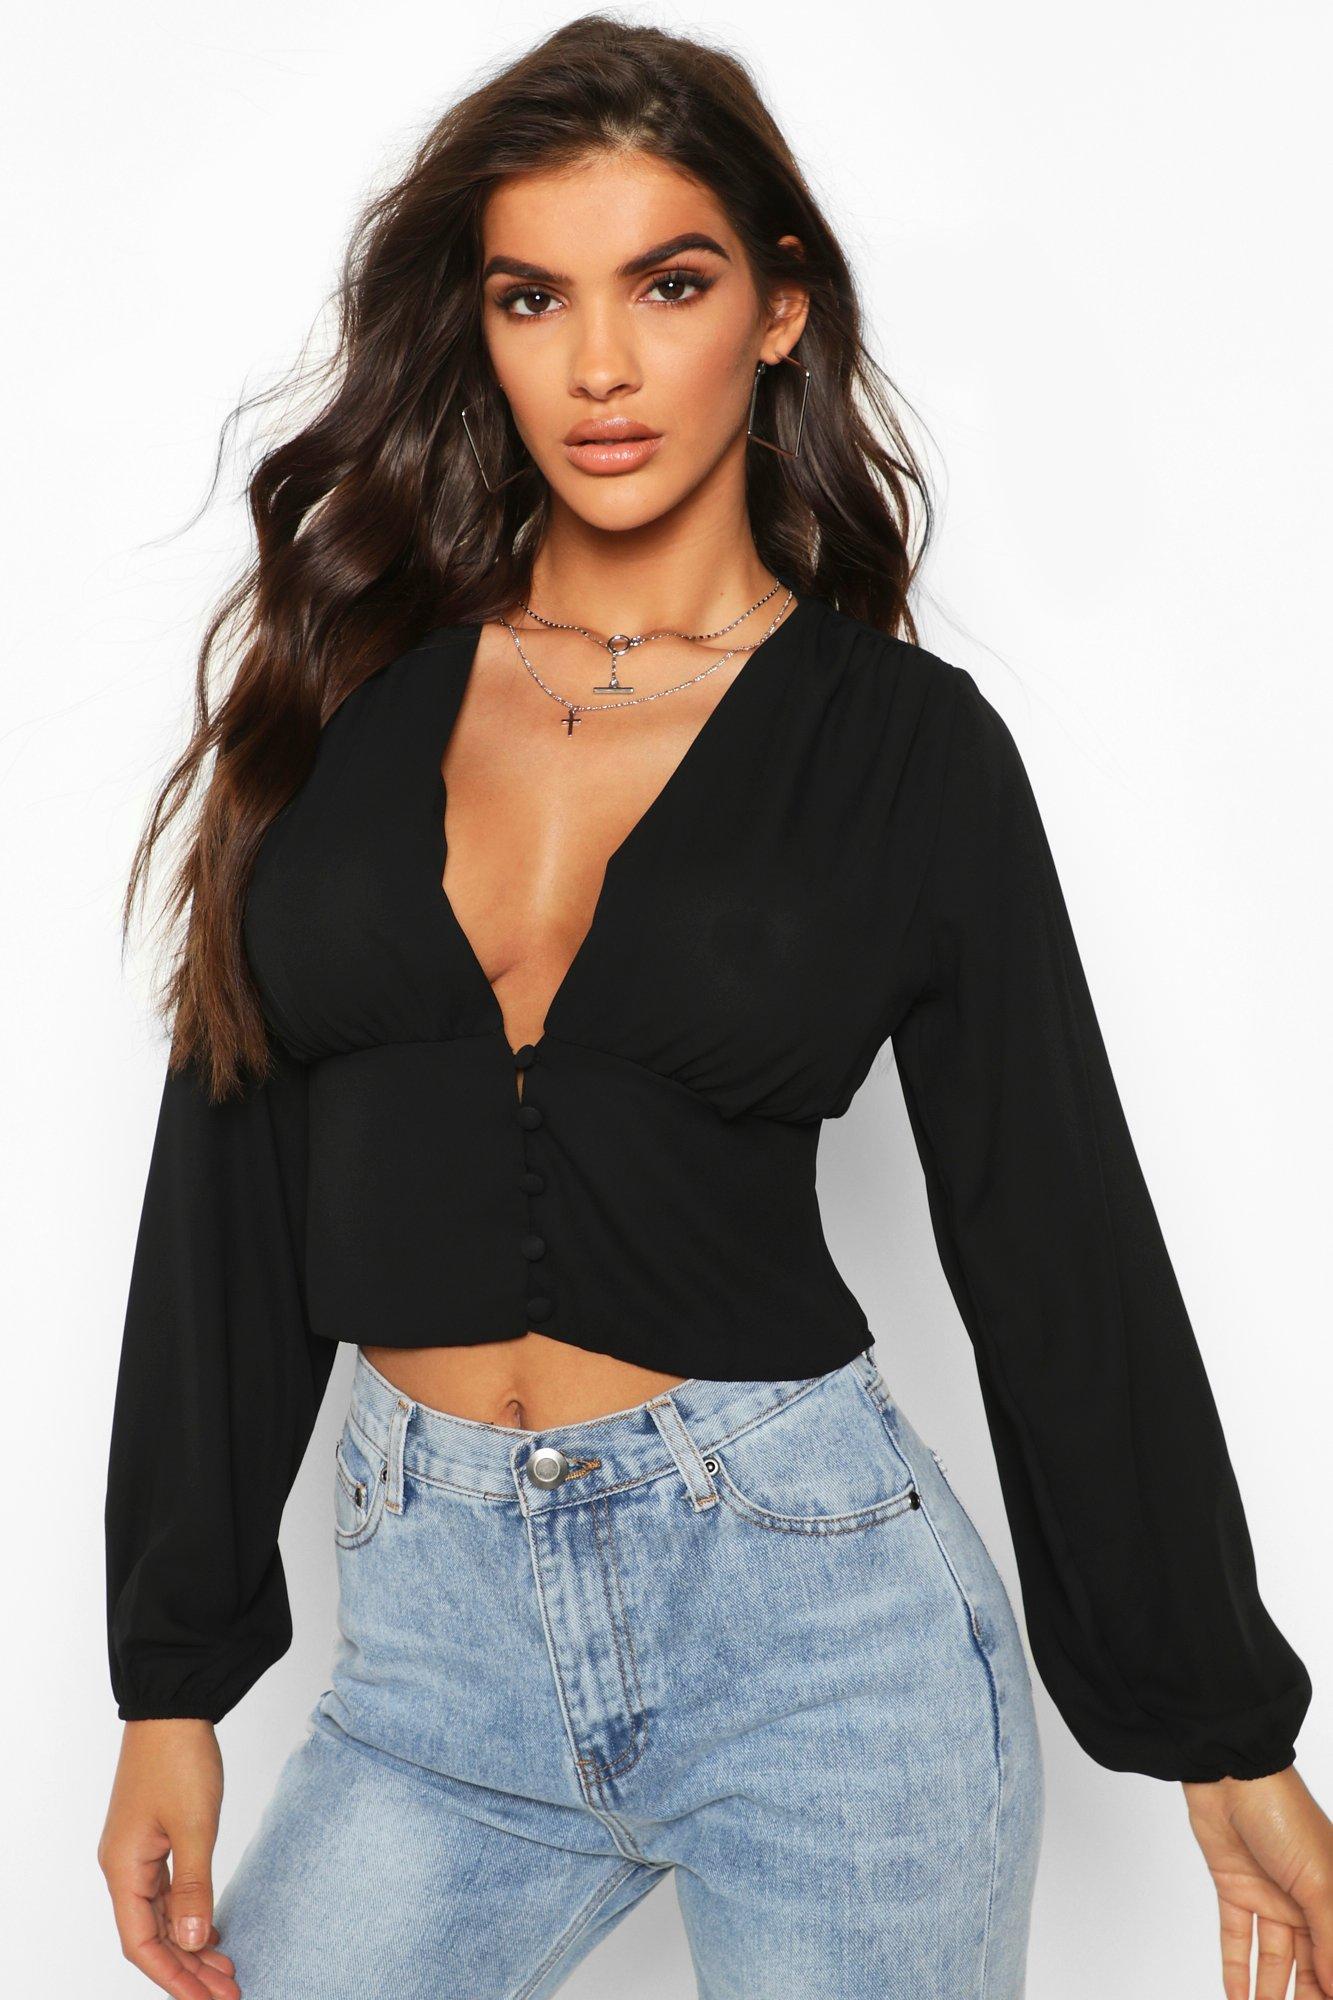 Womens Bluse aus Webstoff mit Knopfdetail und weiten Ärmeln - schwarz - 38, Schwarz - Boohoo.com